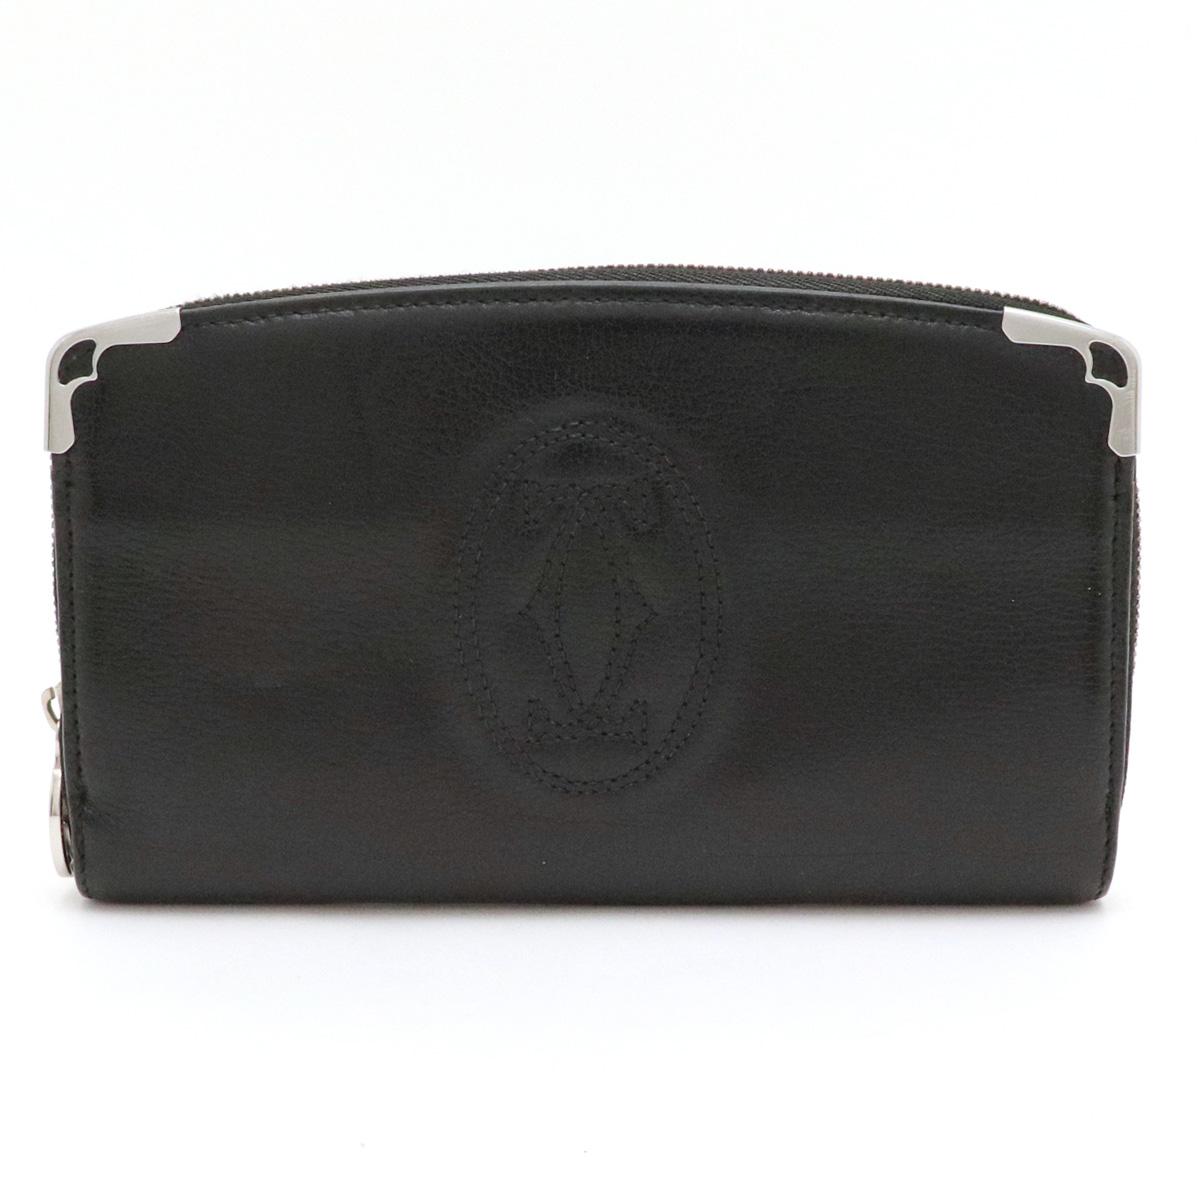 【財布】Cartier カルティエ マルチェロ ラウンドファスナー 長財布 レザー 黒 ブラック シルバー金具 L3000915 【中古】